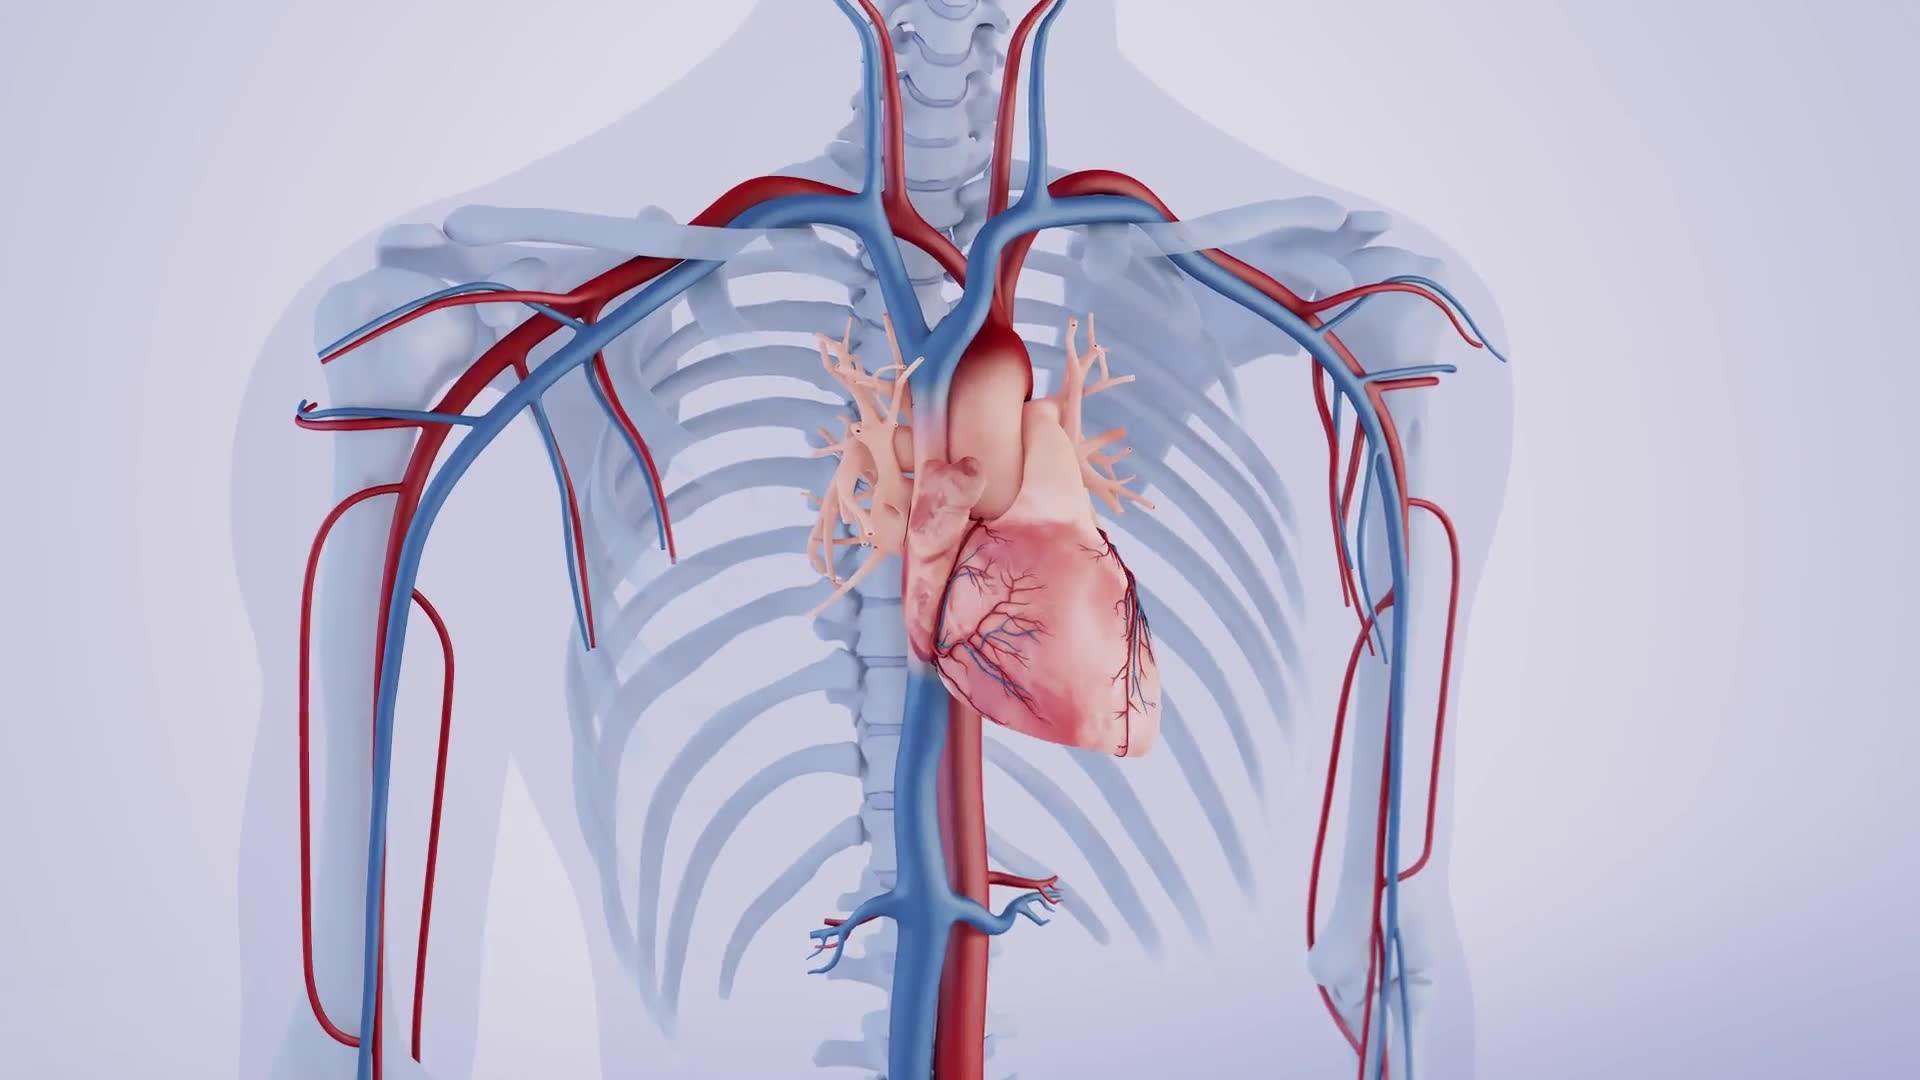 Seite montholsplemmoz: brust rechte stechen Stechen Unterhalb